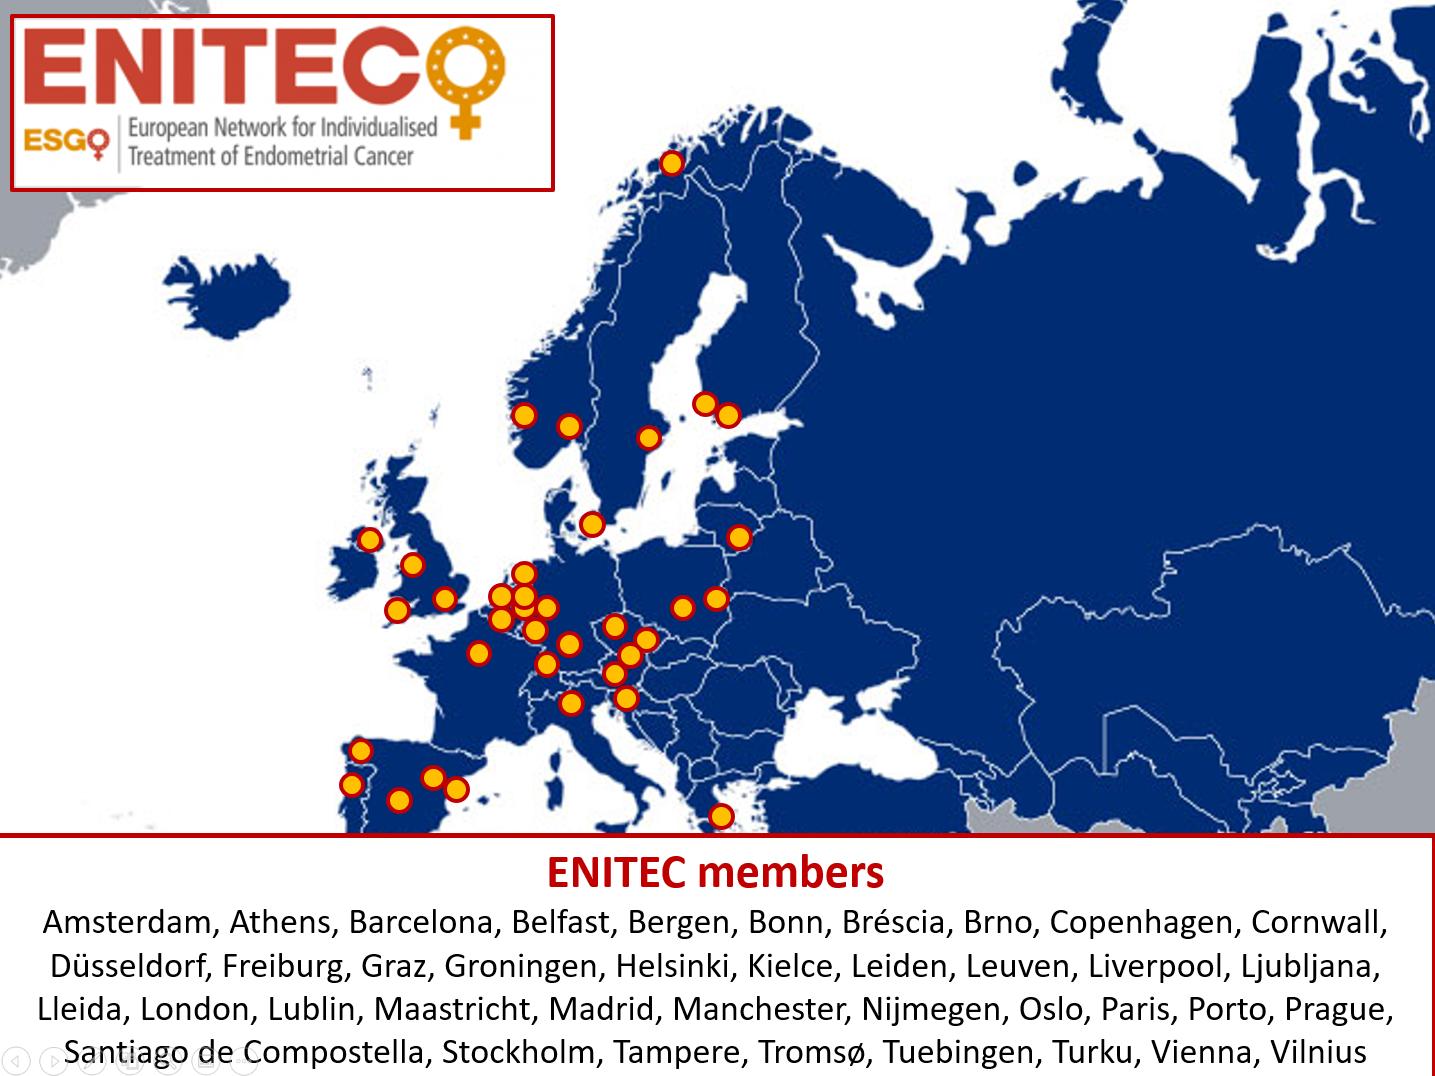 ENITEC_members